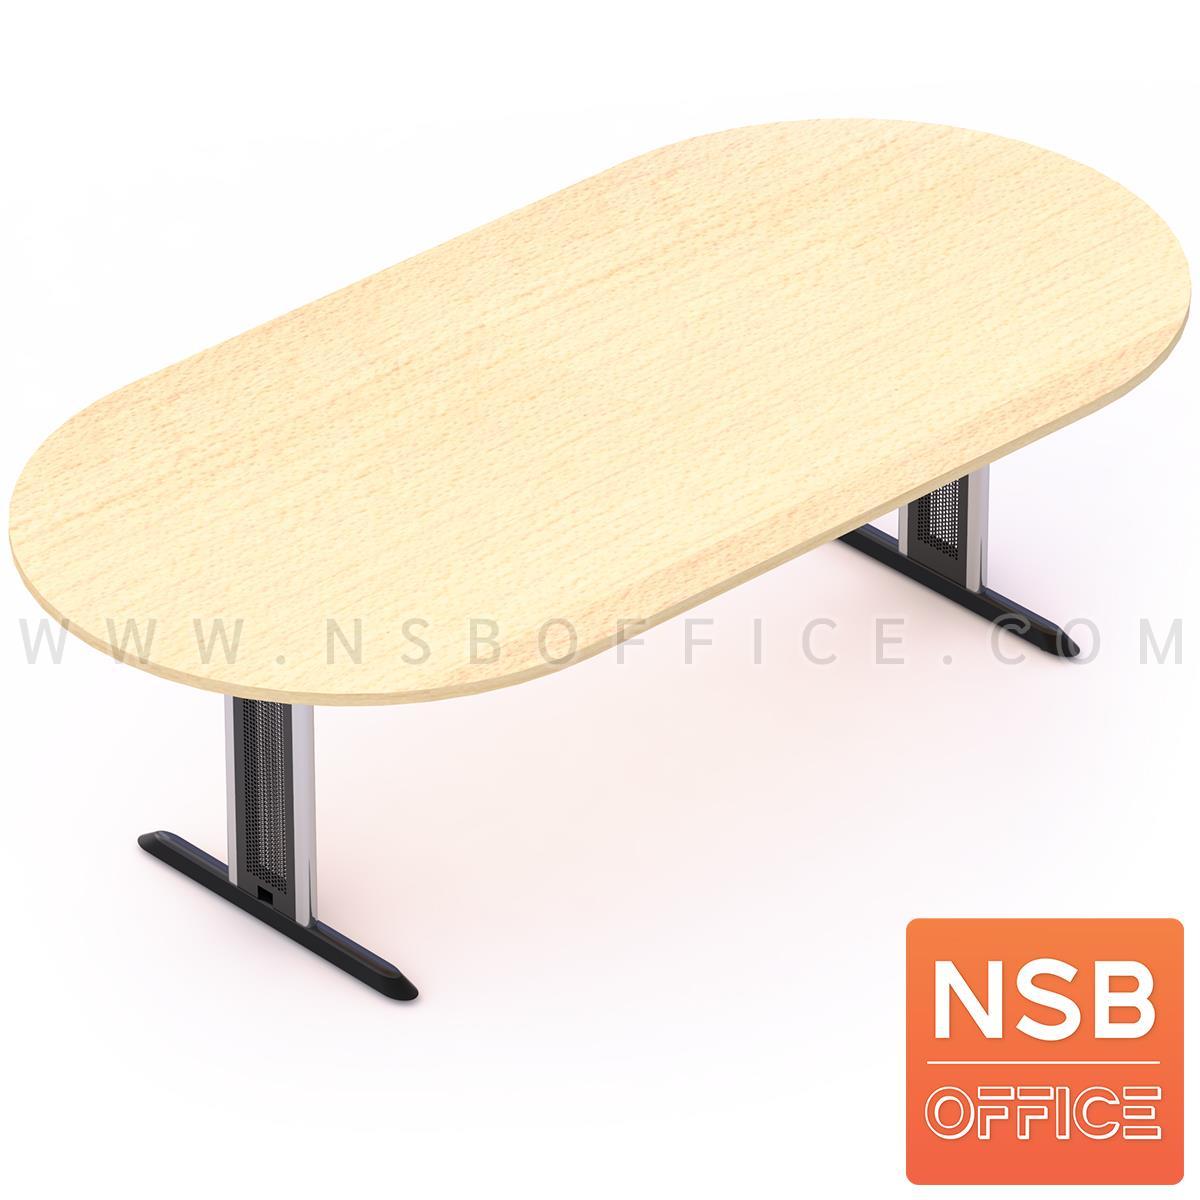 A05A016:โต๊ะประชุมทรงแคปซูล  6 ,8,10 ที่นั่ง ขนาด 180W ,200W ,240W cm.  ขาเหล็กตัวที